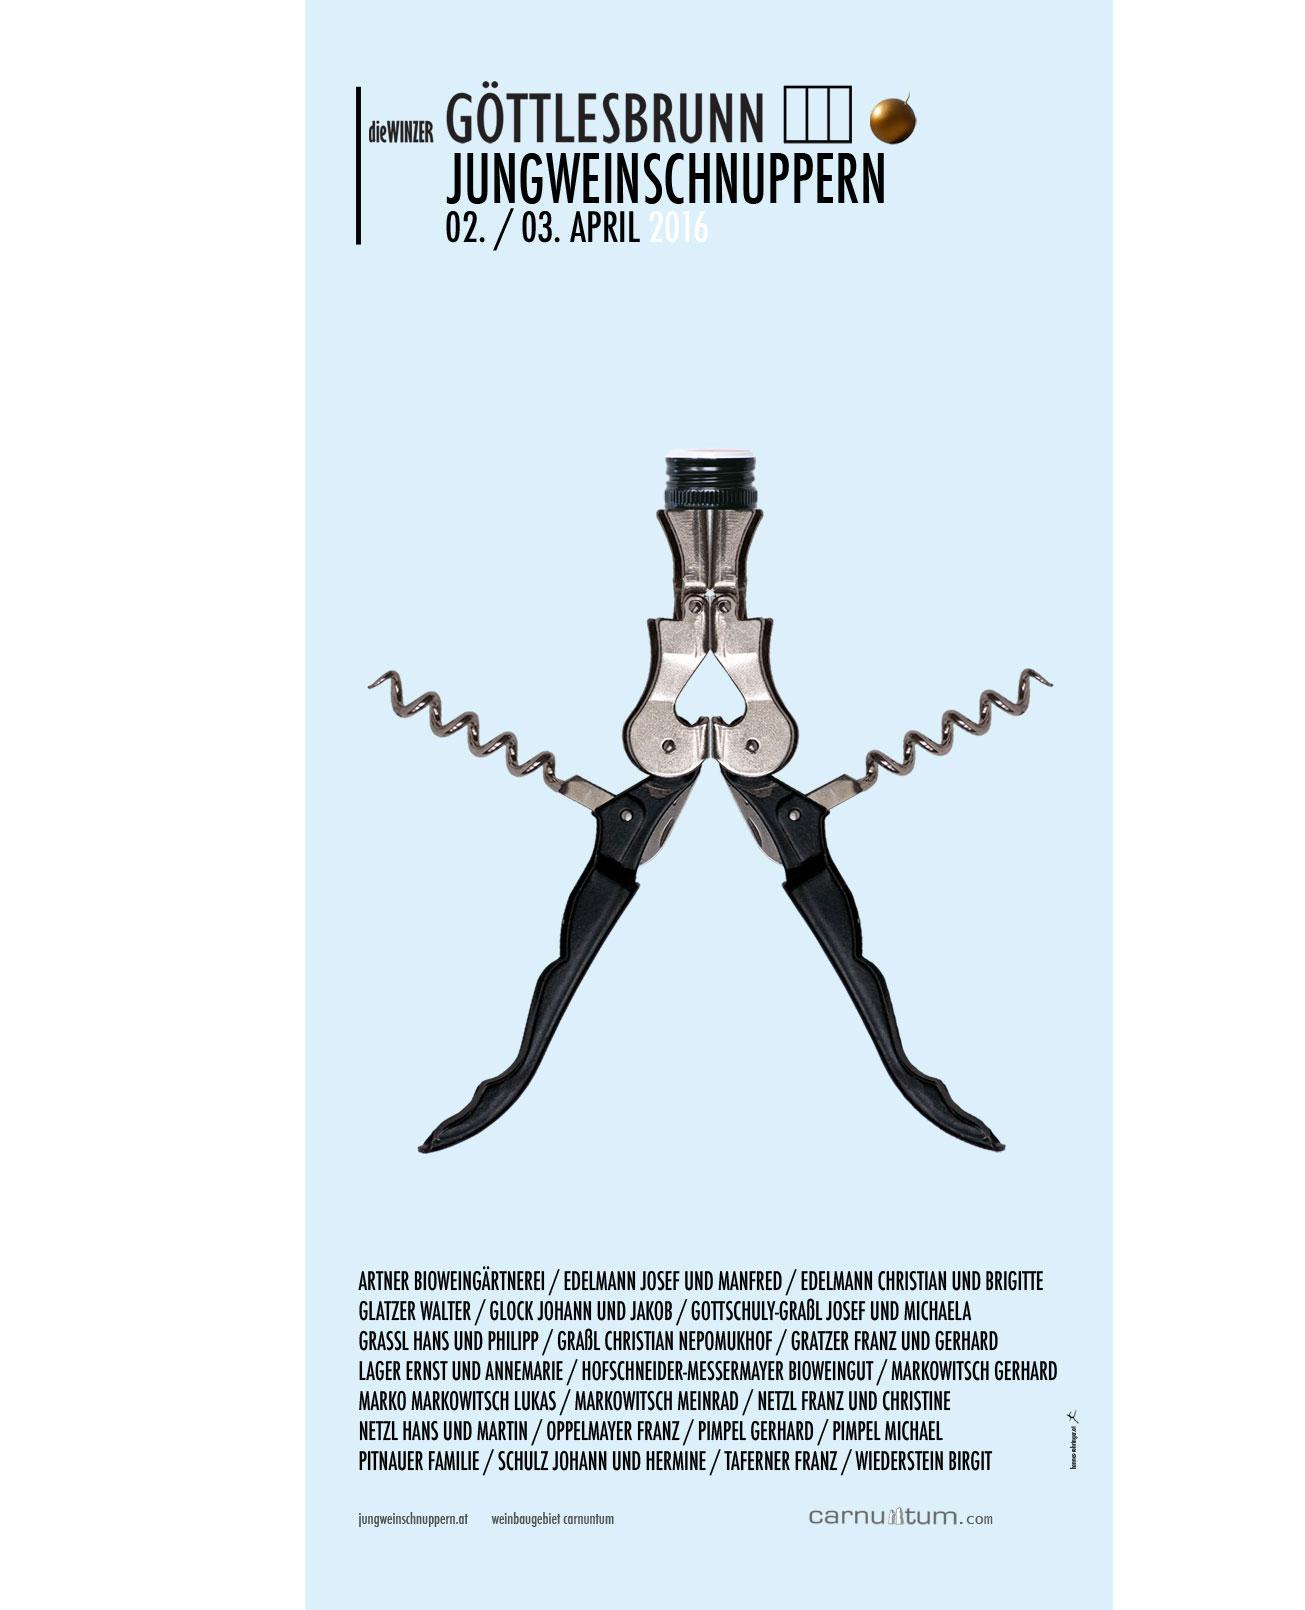 Jungweinschnuppern winzer Göttlesbrunn Carnuntum, Plakat.